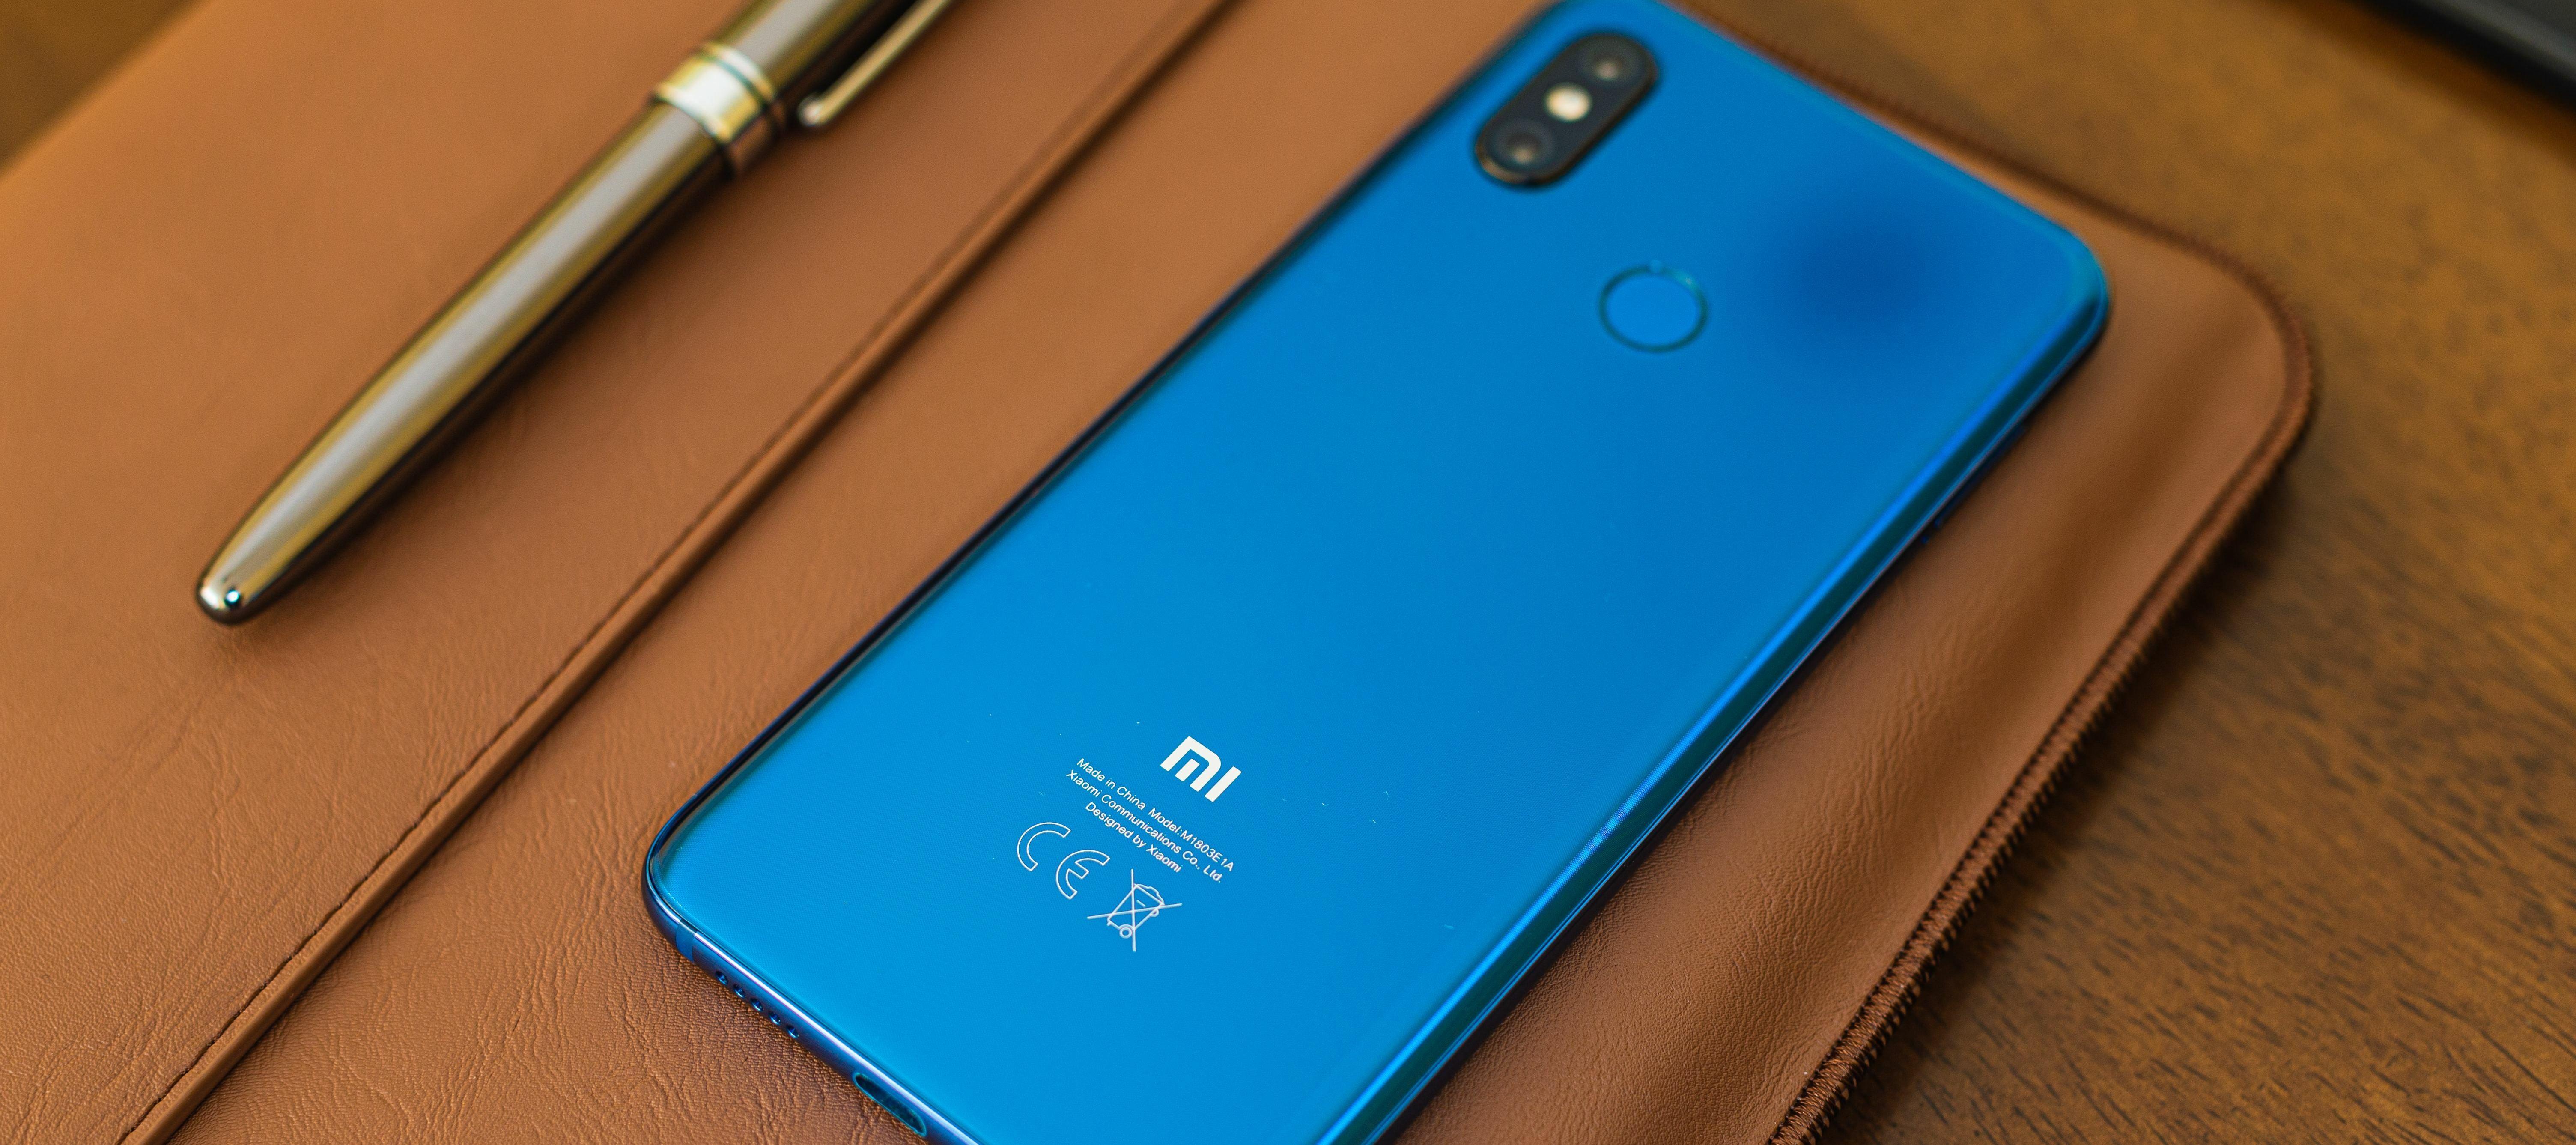 Noch mehr Xiaomi bei o2 - Neue Modelle ab jetzt!